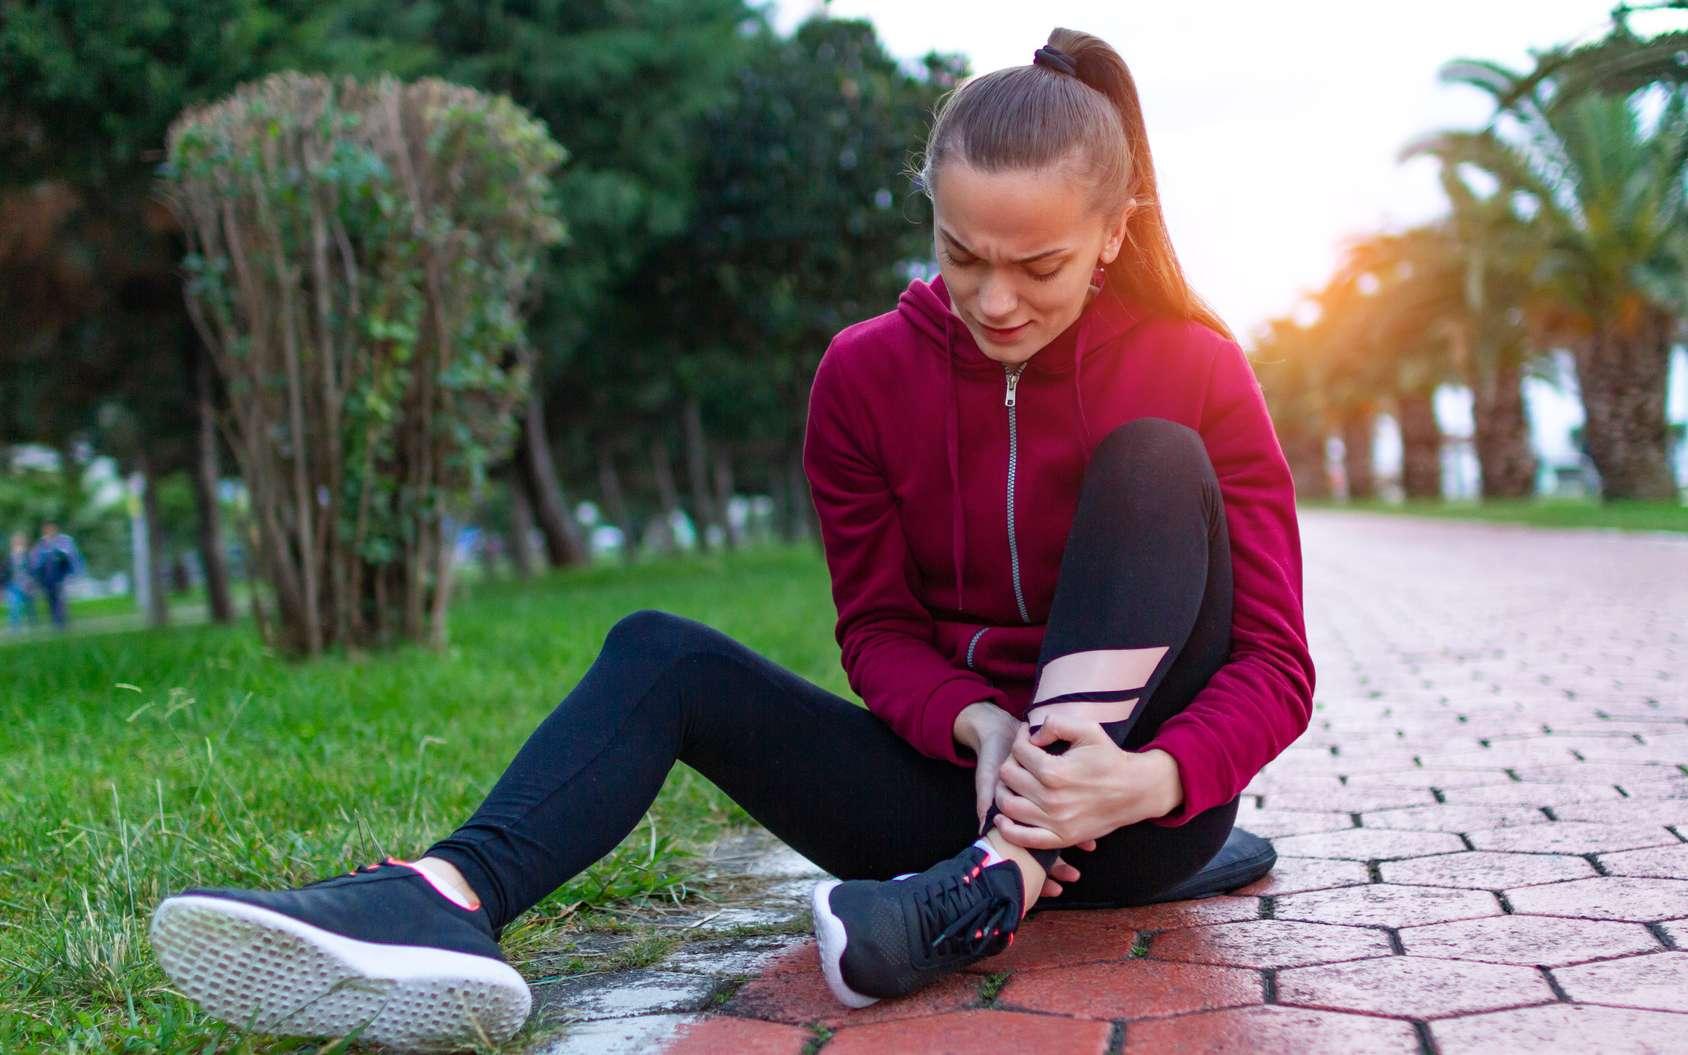 La déchirure musculaire survient fréquemment au cours de la course. © Goffkein, Fotolia